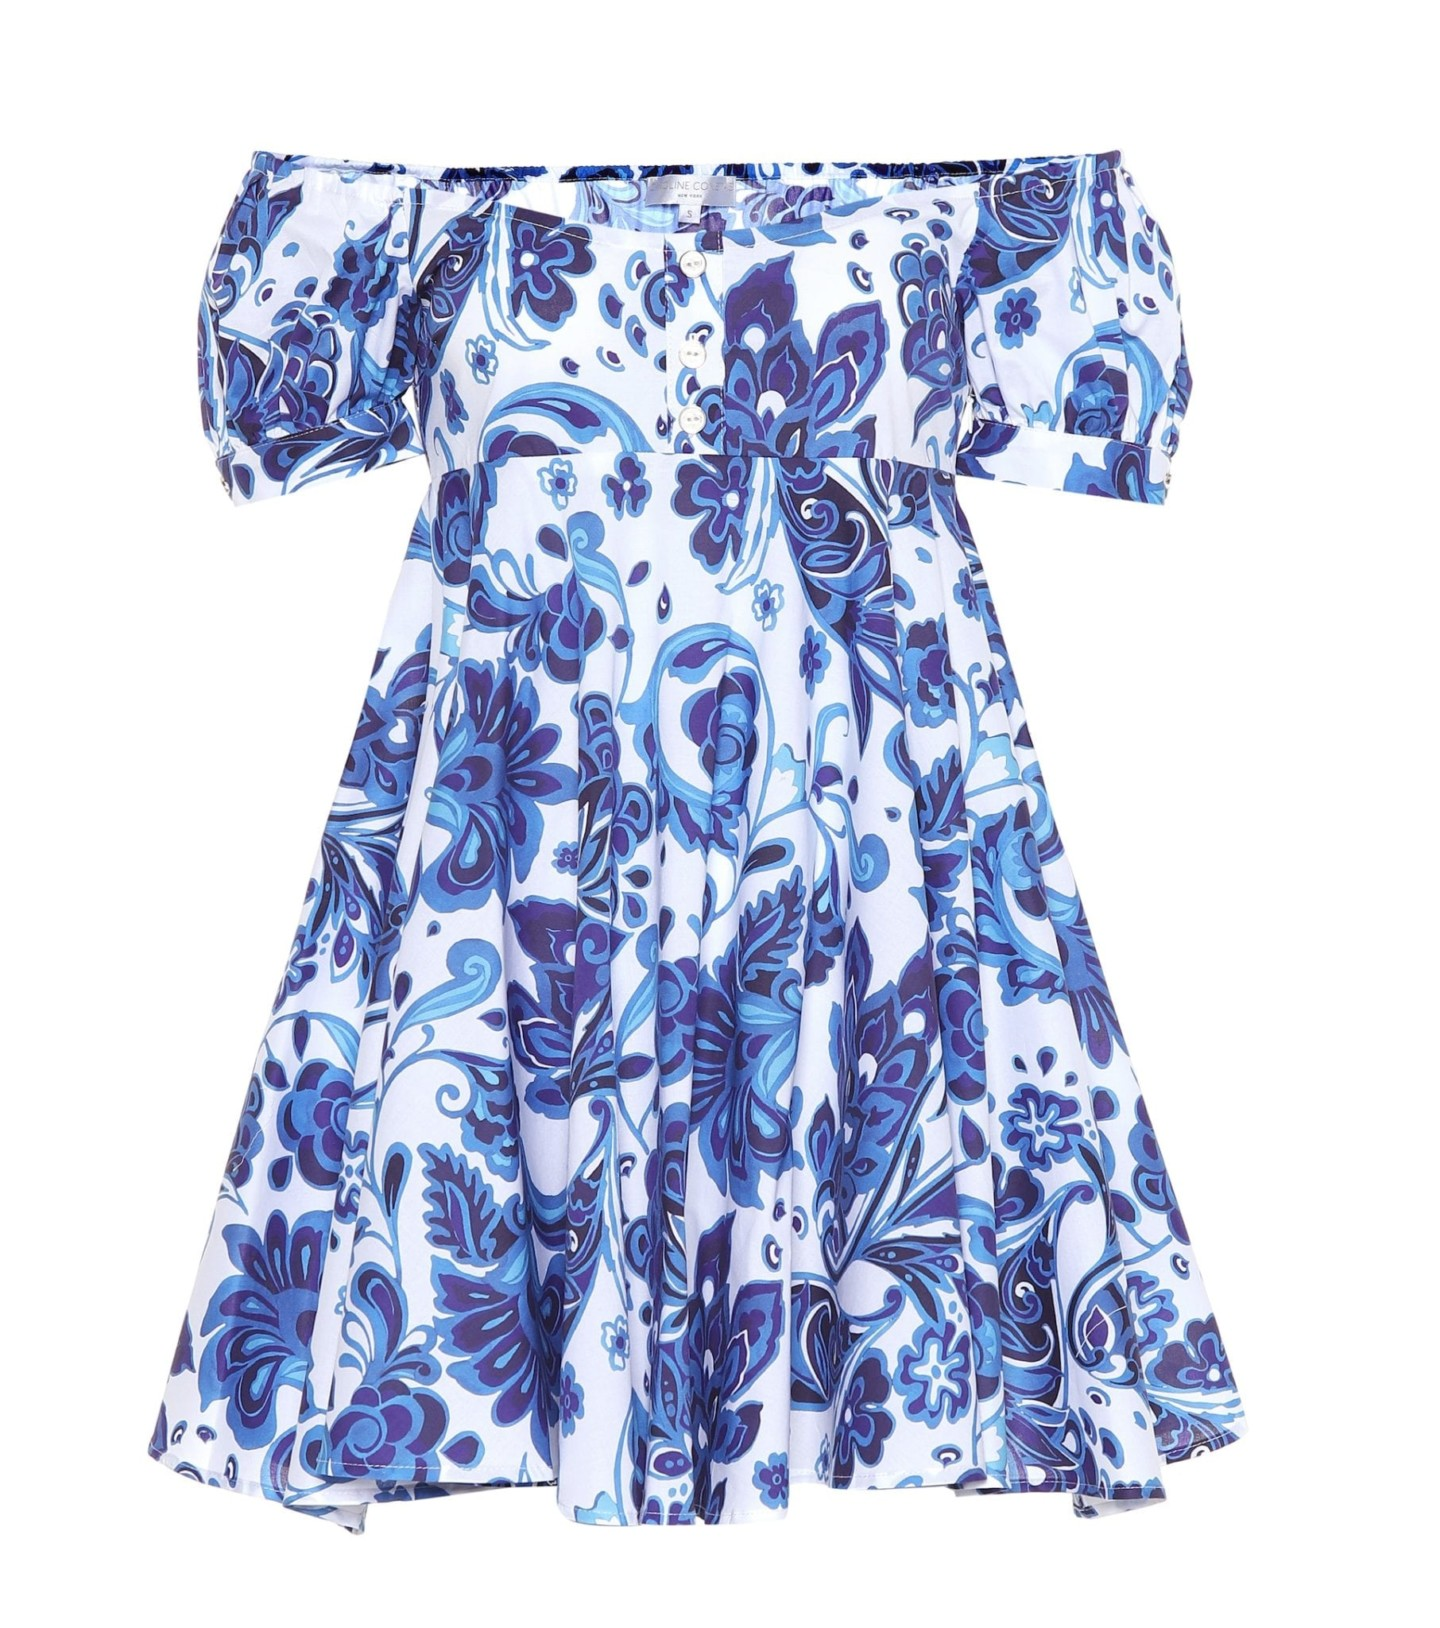 CAROLINE CONSTAS Dina Stretch Cotton Mini Blue Dress